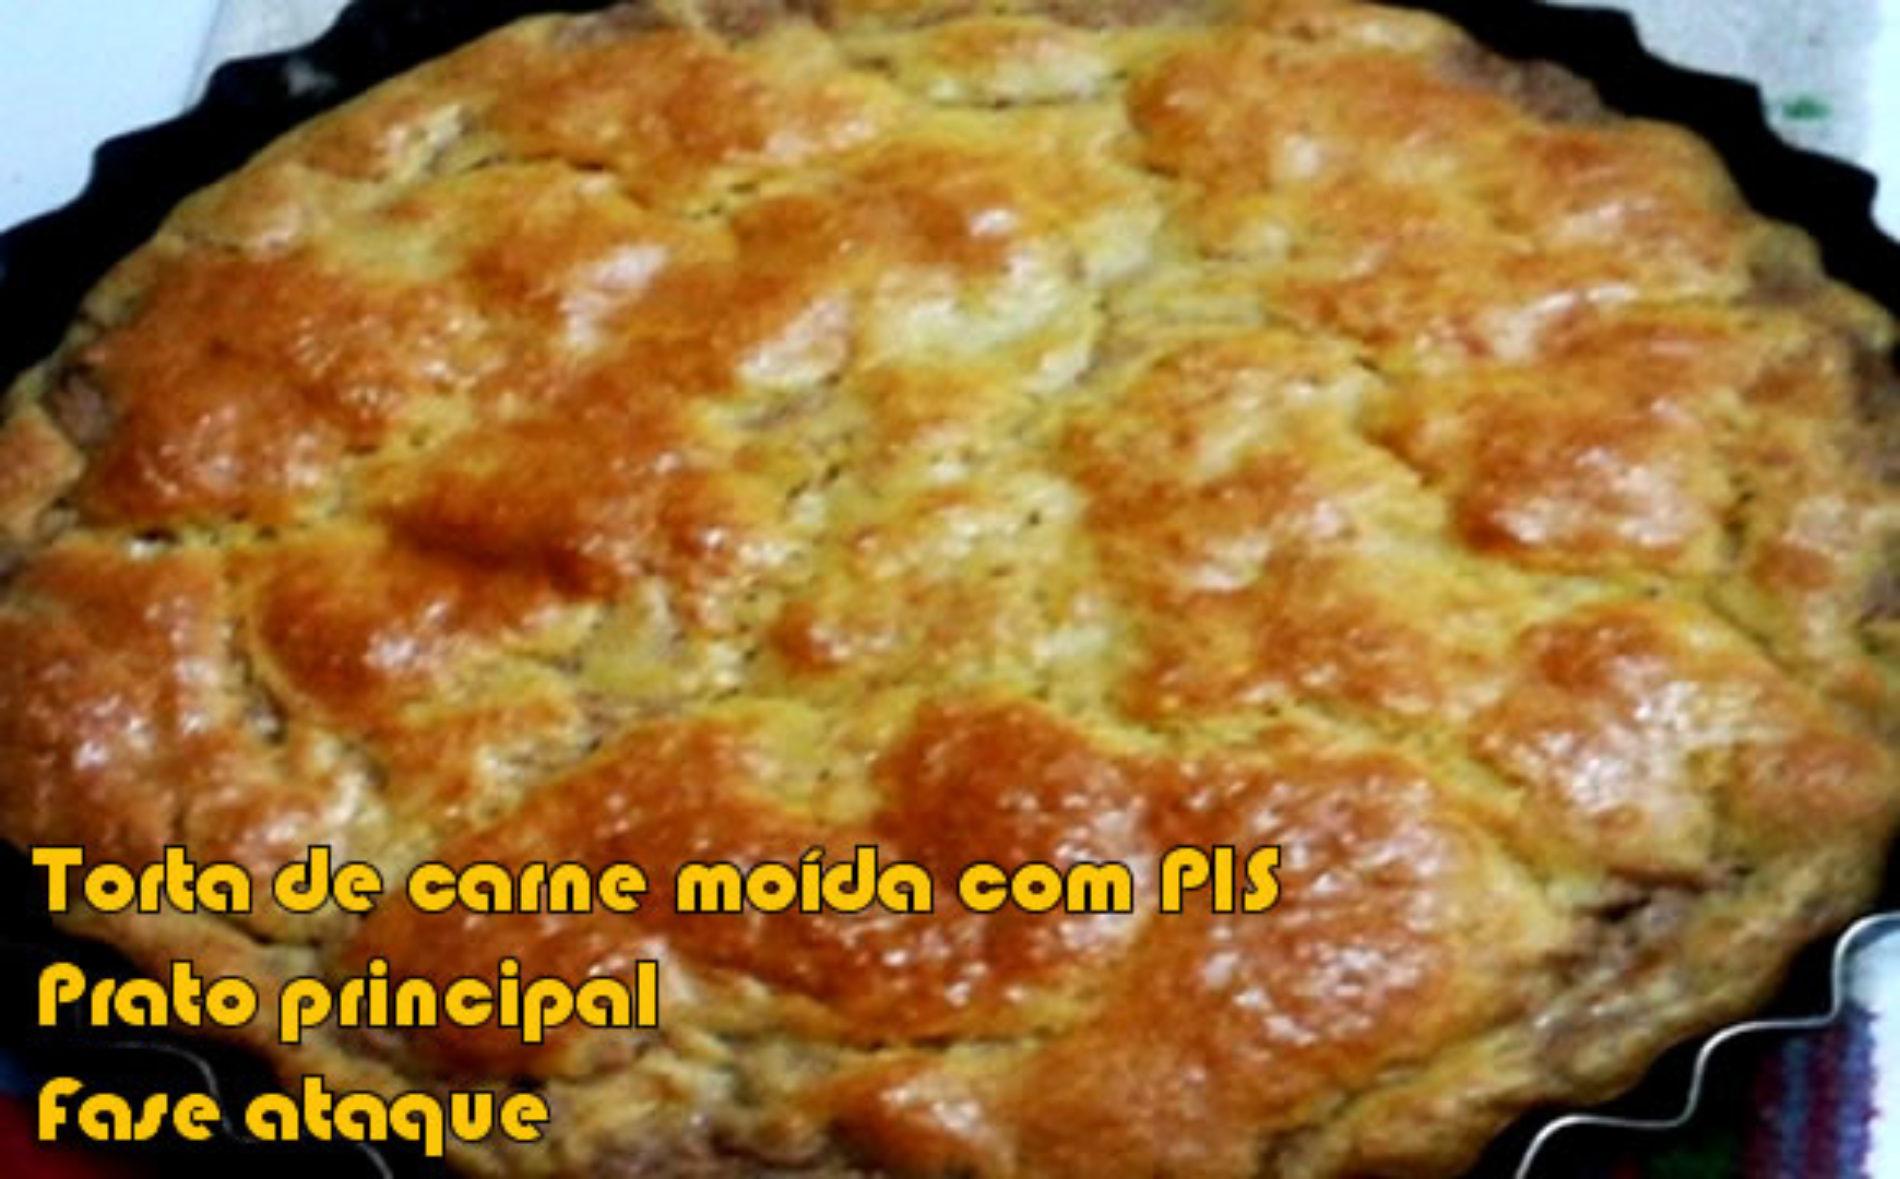 Torta de carne moída, PIS e requeijão – FIT